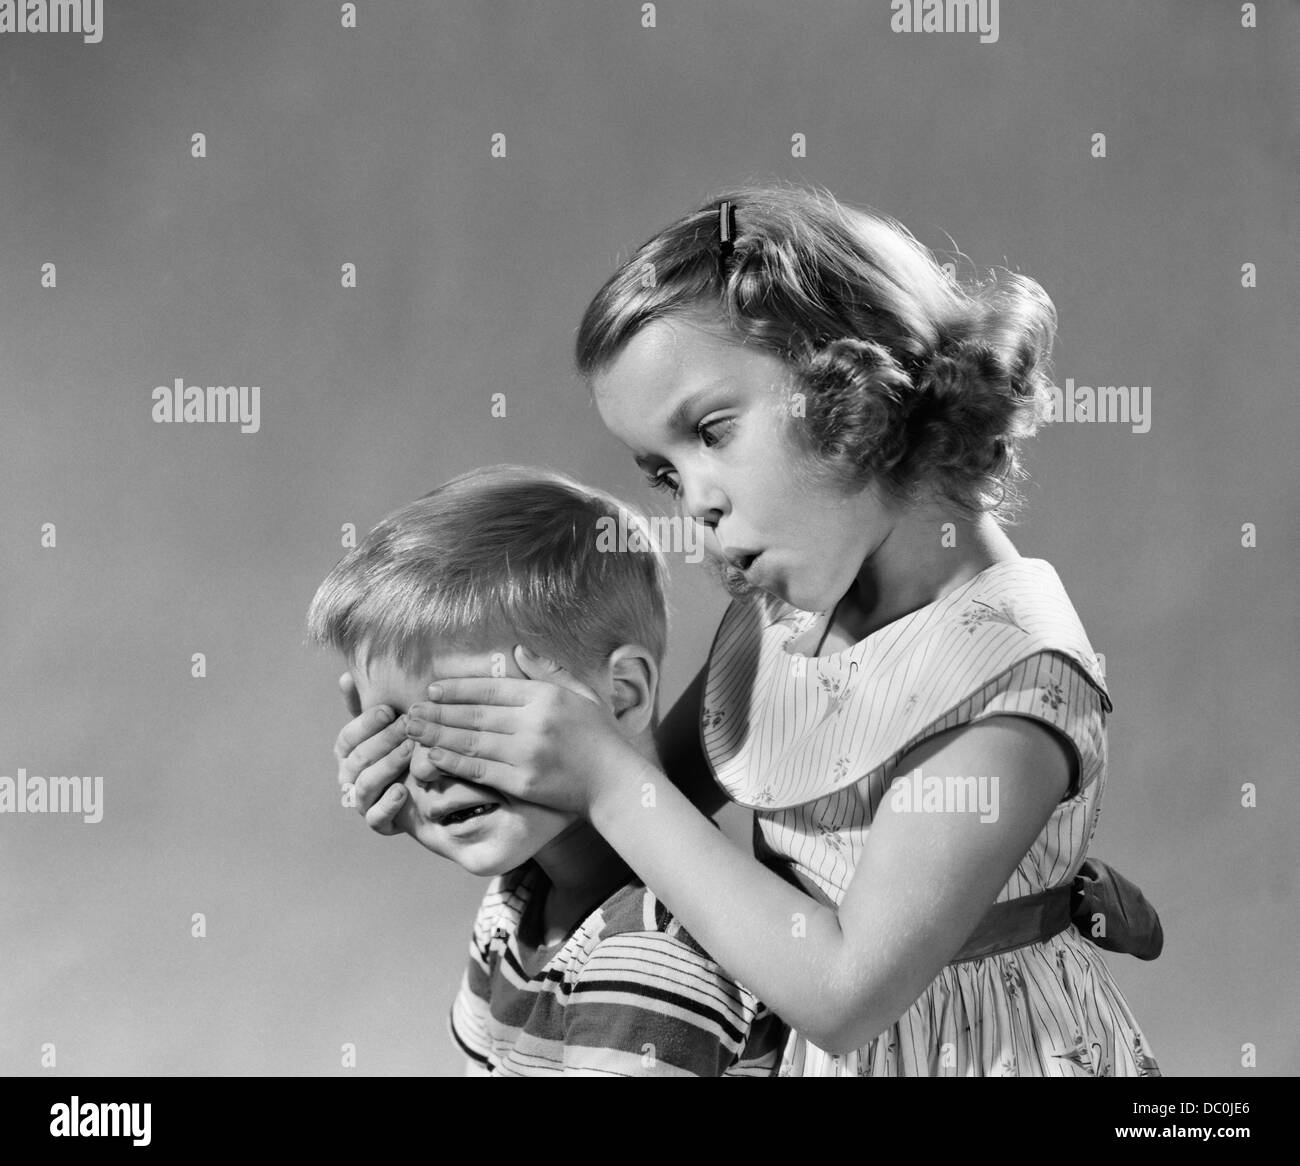 Années 1950 Années 1960 DEVINEZ QUI GIRL DÉTIENT SES MAINS SUR LES YEUX LES GARÇONS JEU aveugle Photo Stock